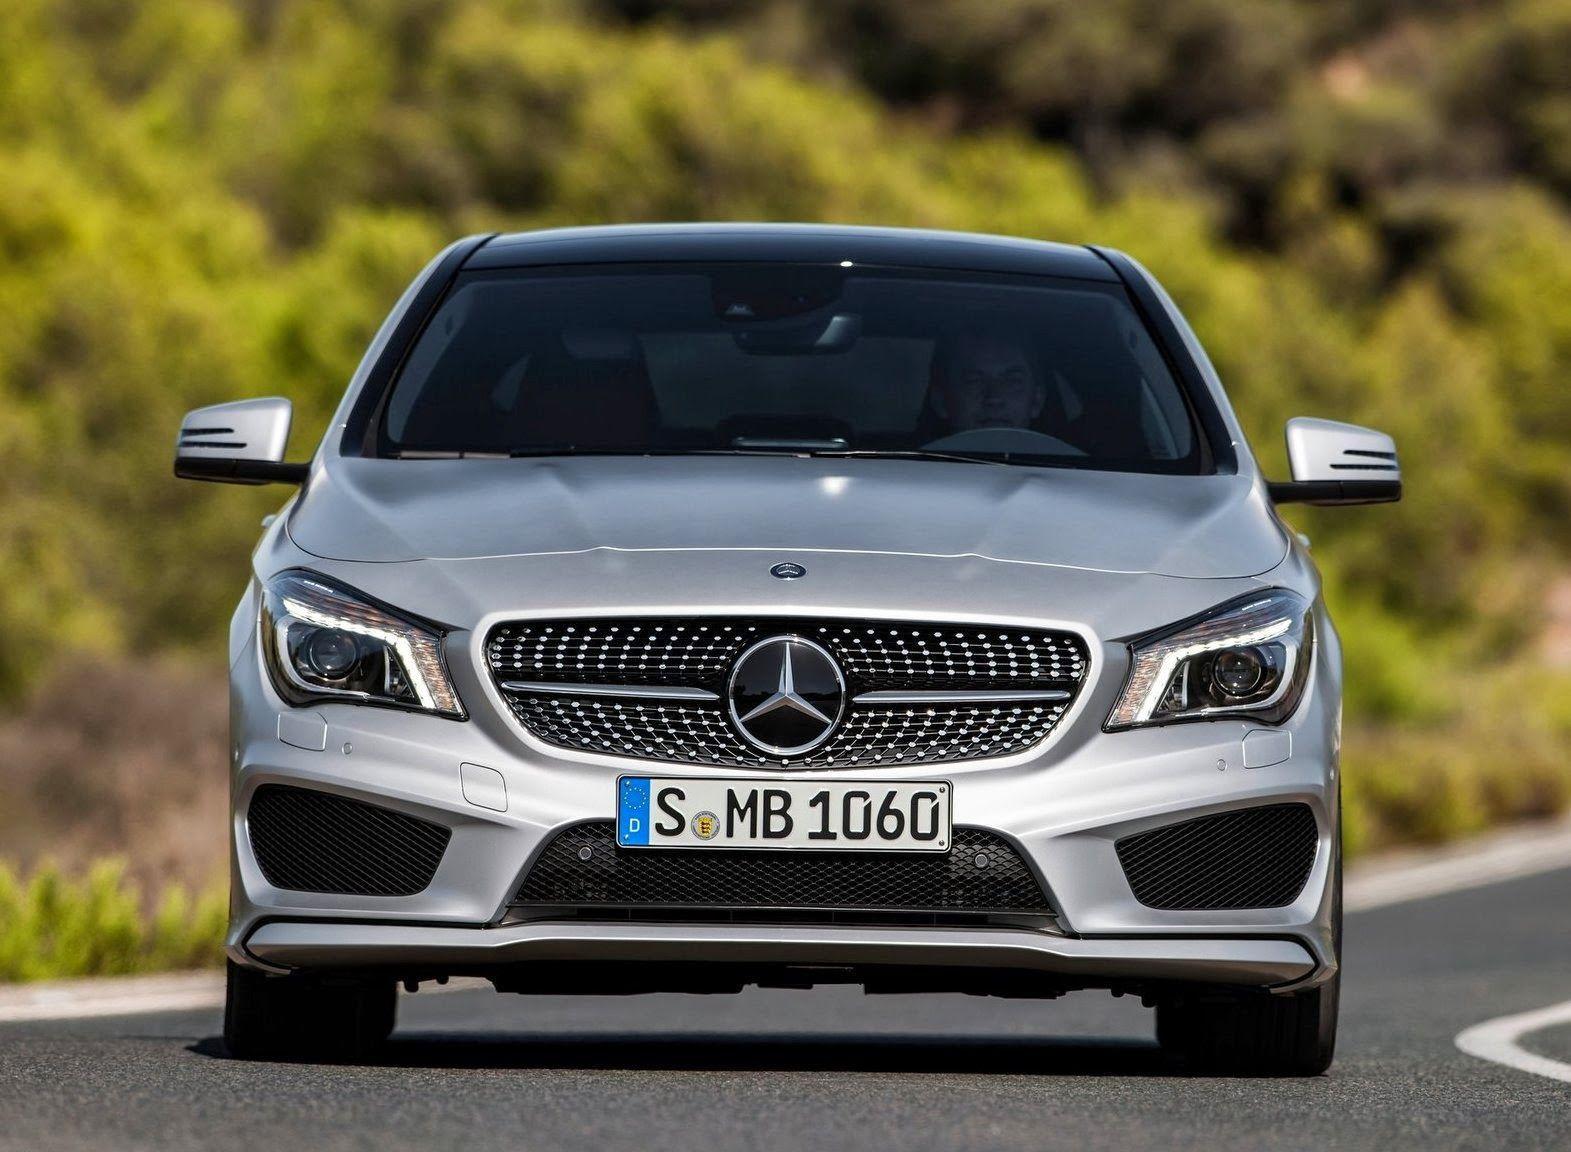 Mercedes Benz Car Hd Wallpapers Top Free Mercedes Benz Car Hd